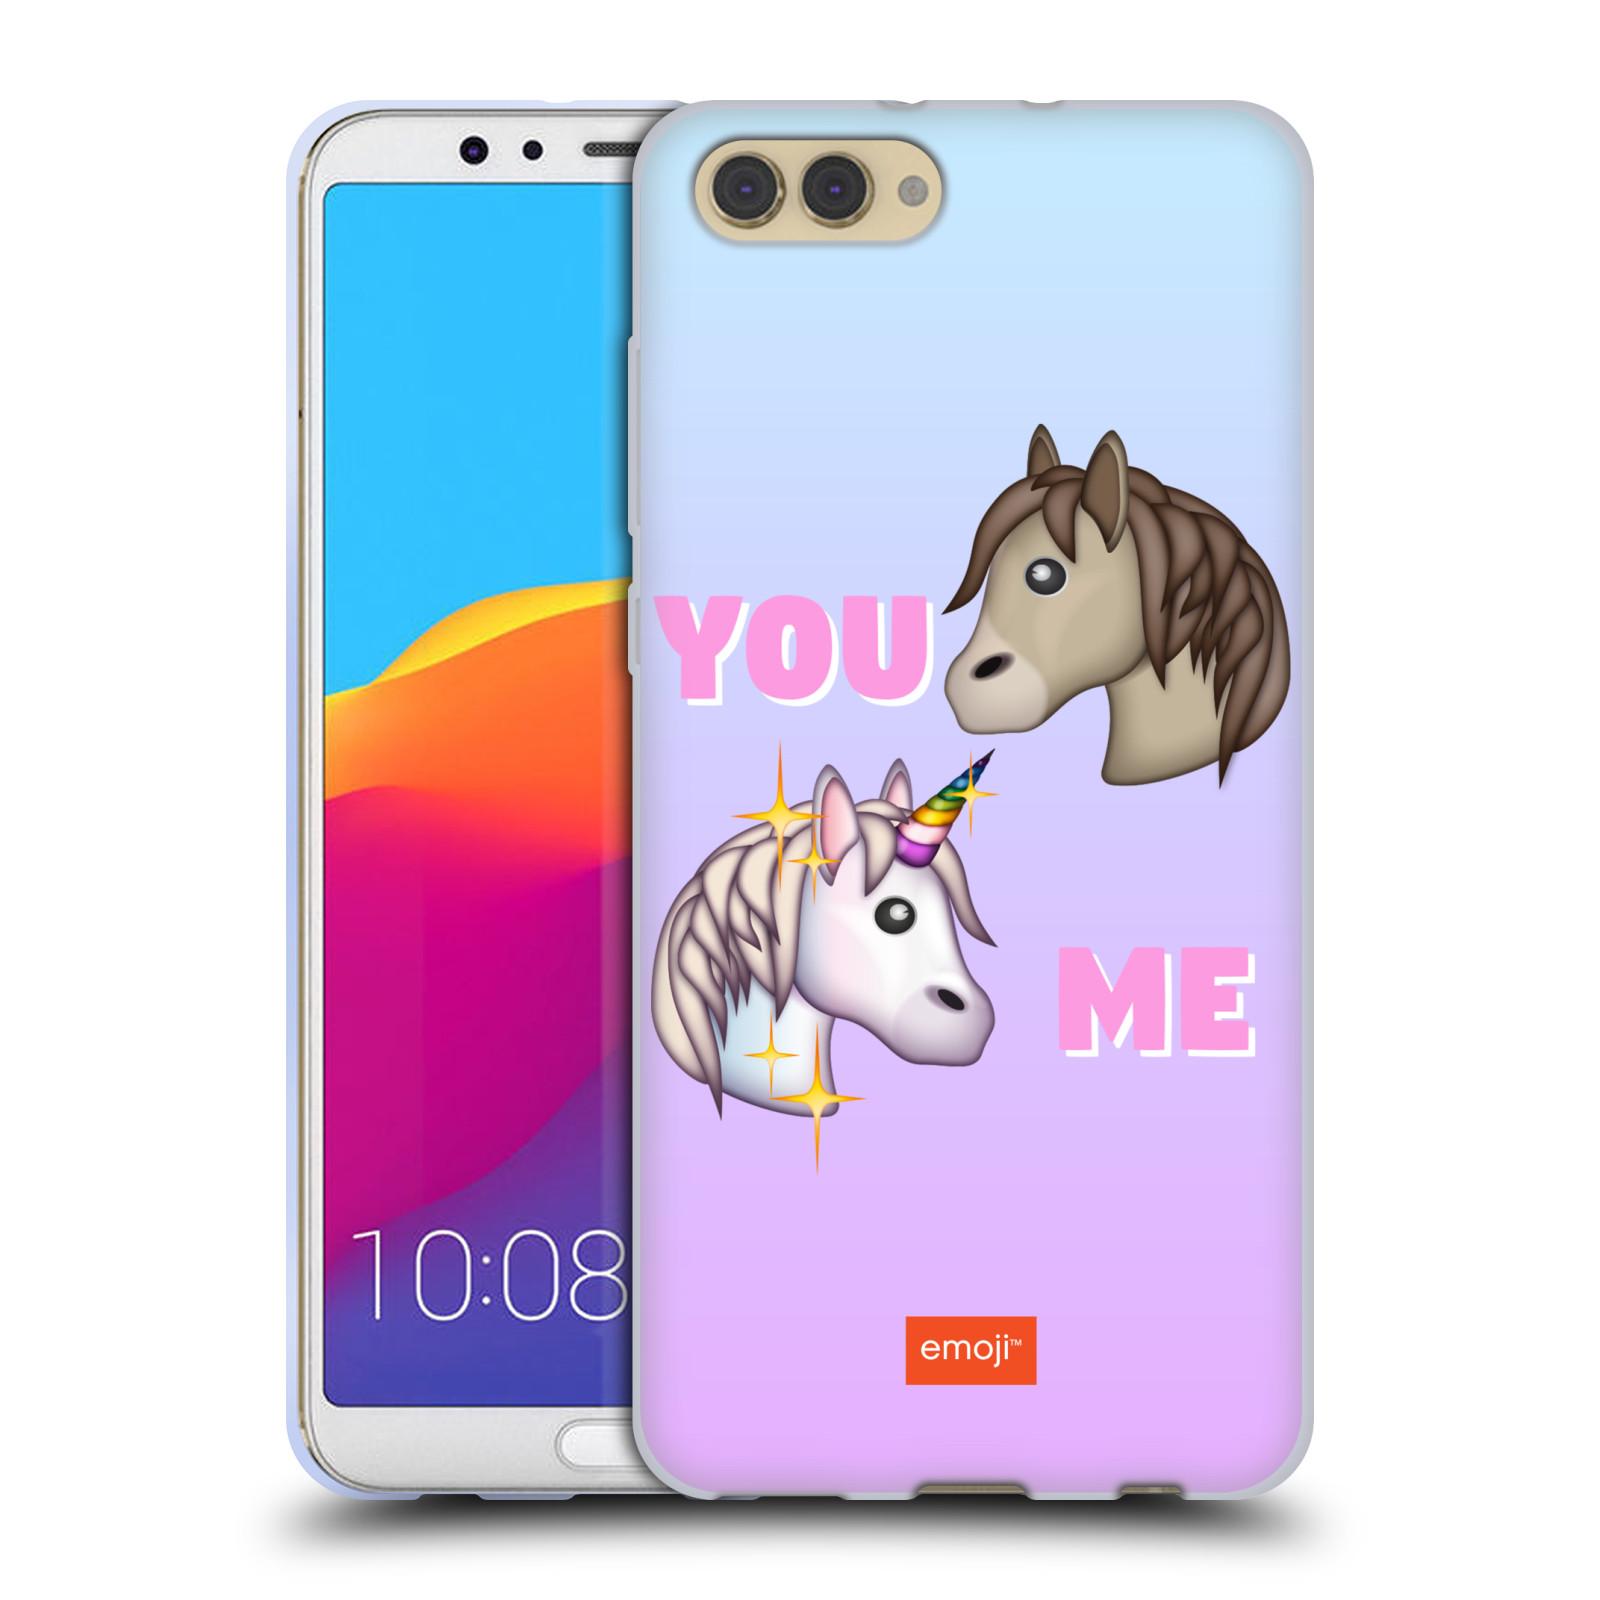 HEAD CASE silikonový obal na mobil Huawei HONOR VIEW 10 / V10 smajlíci oficiální kryt EMOJI vzor dva jednorožci YOU and ME